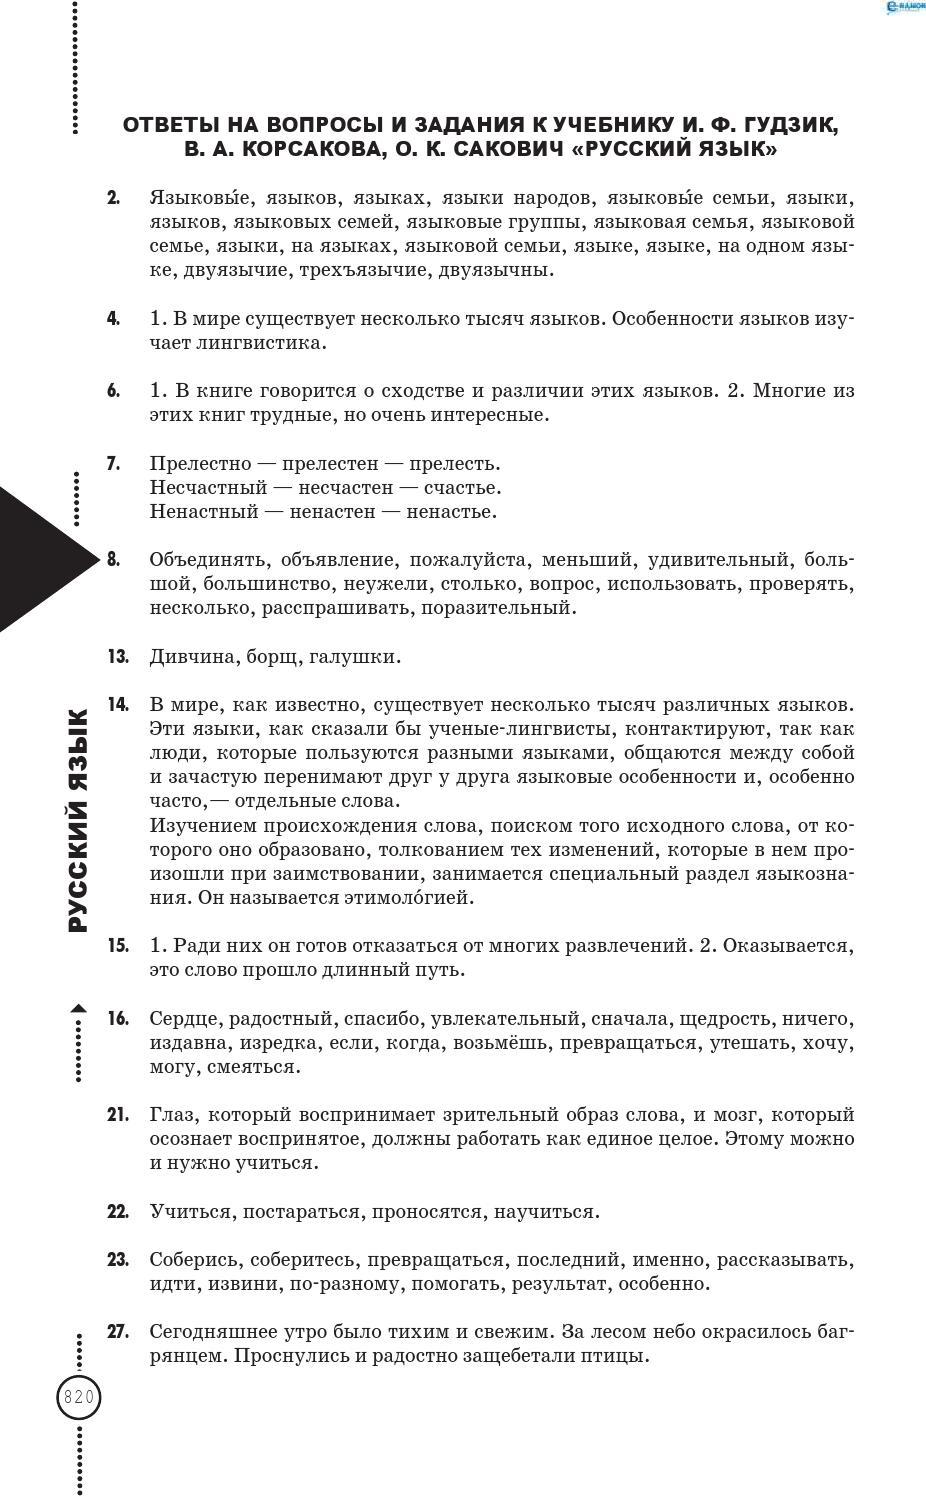 Класс гудзик русский 7 гдз